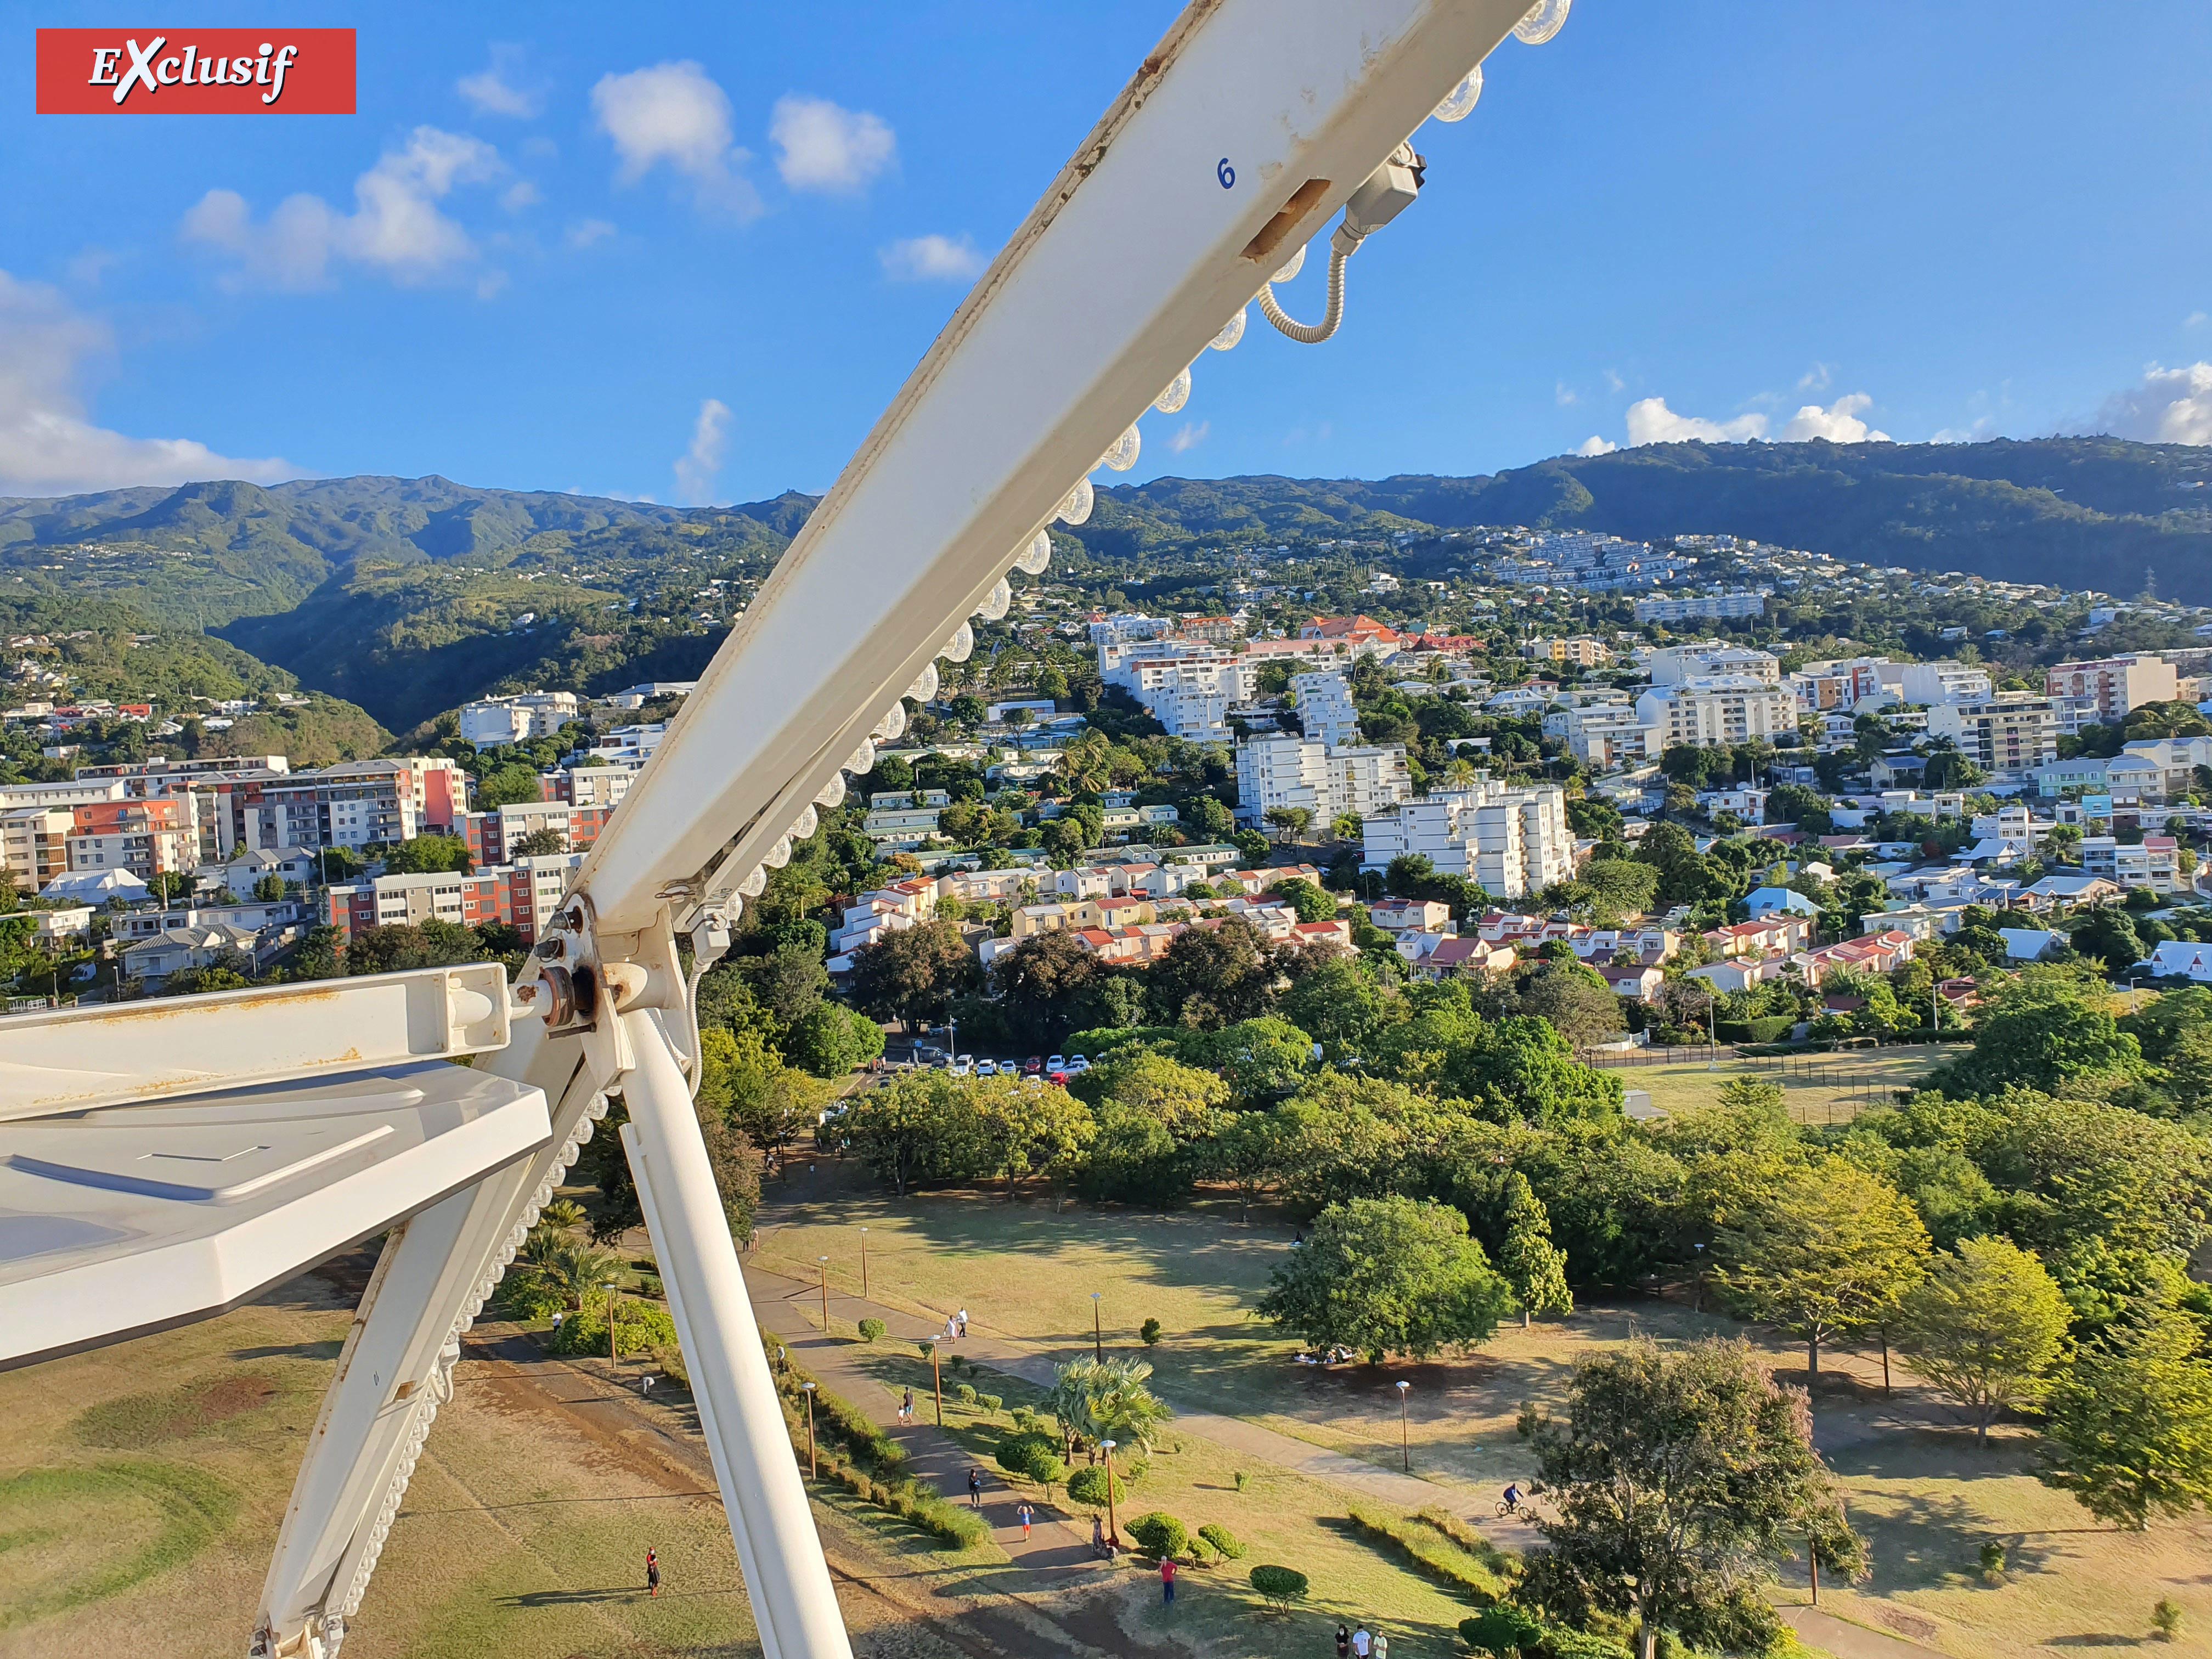 La Grande Roue au Parc de la Trinité à Saint-Denis: photos